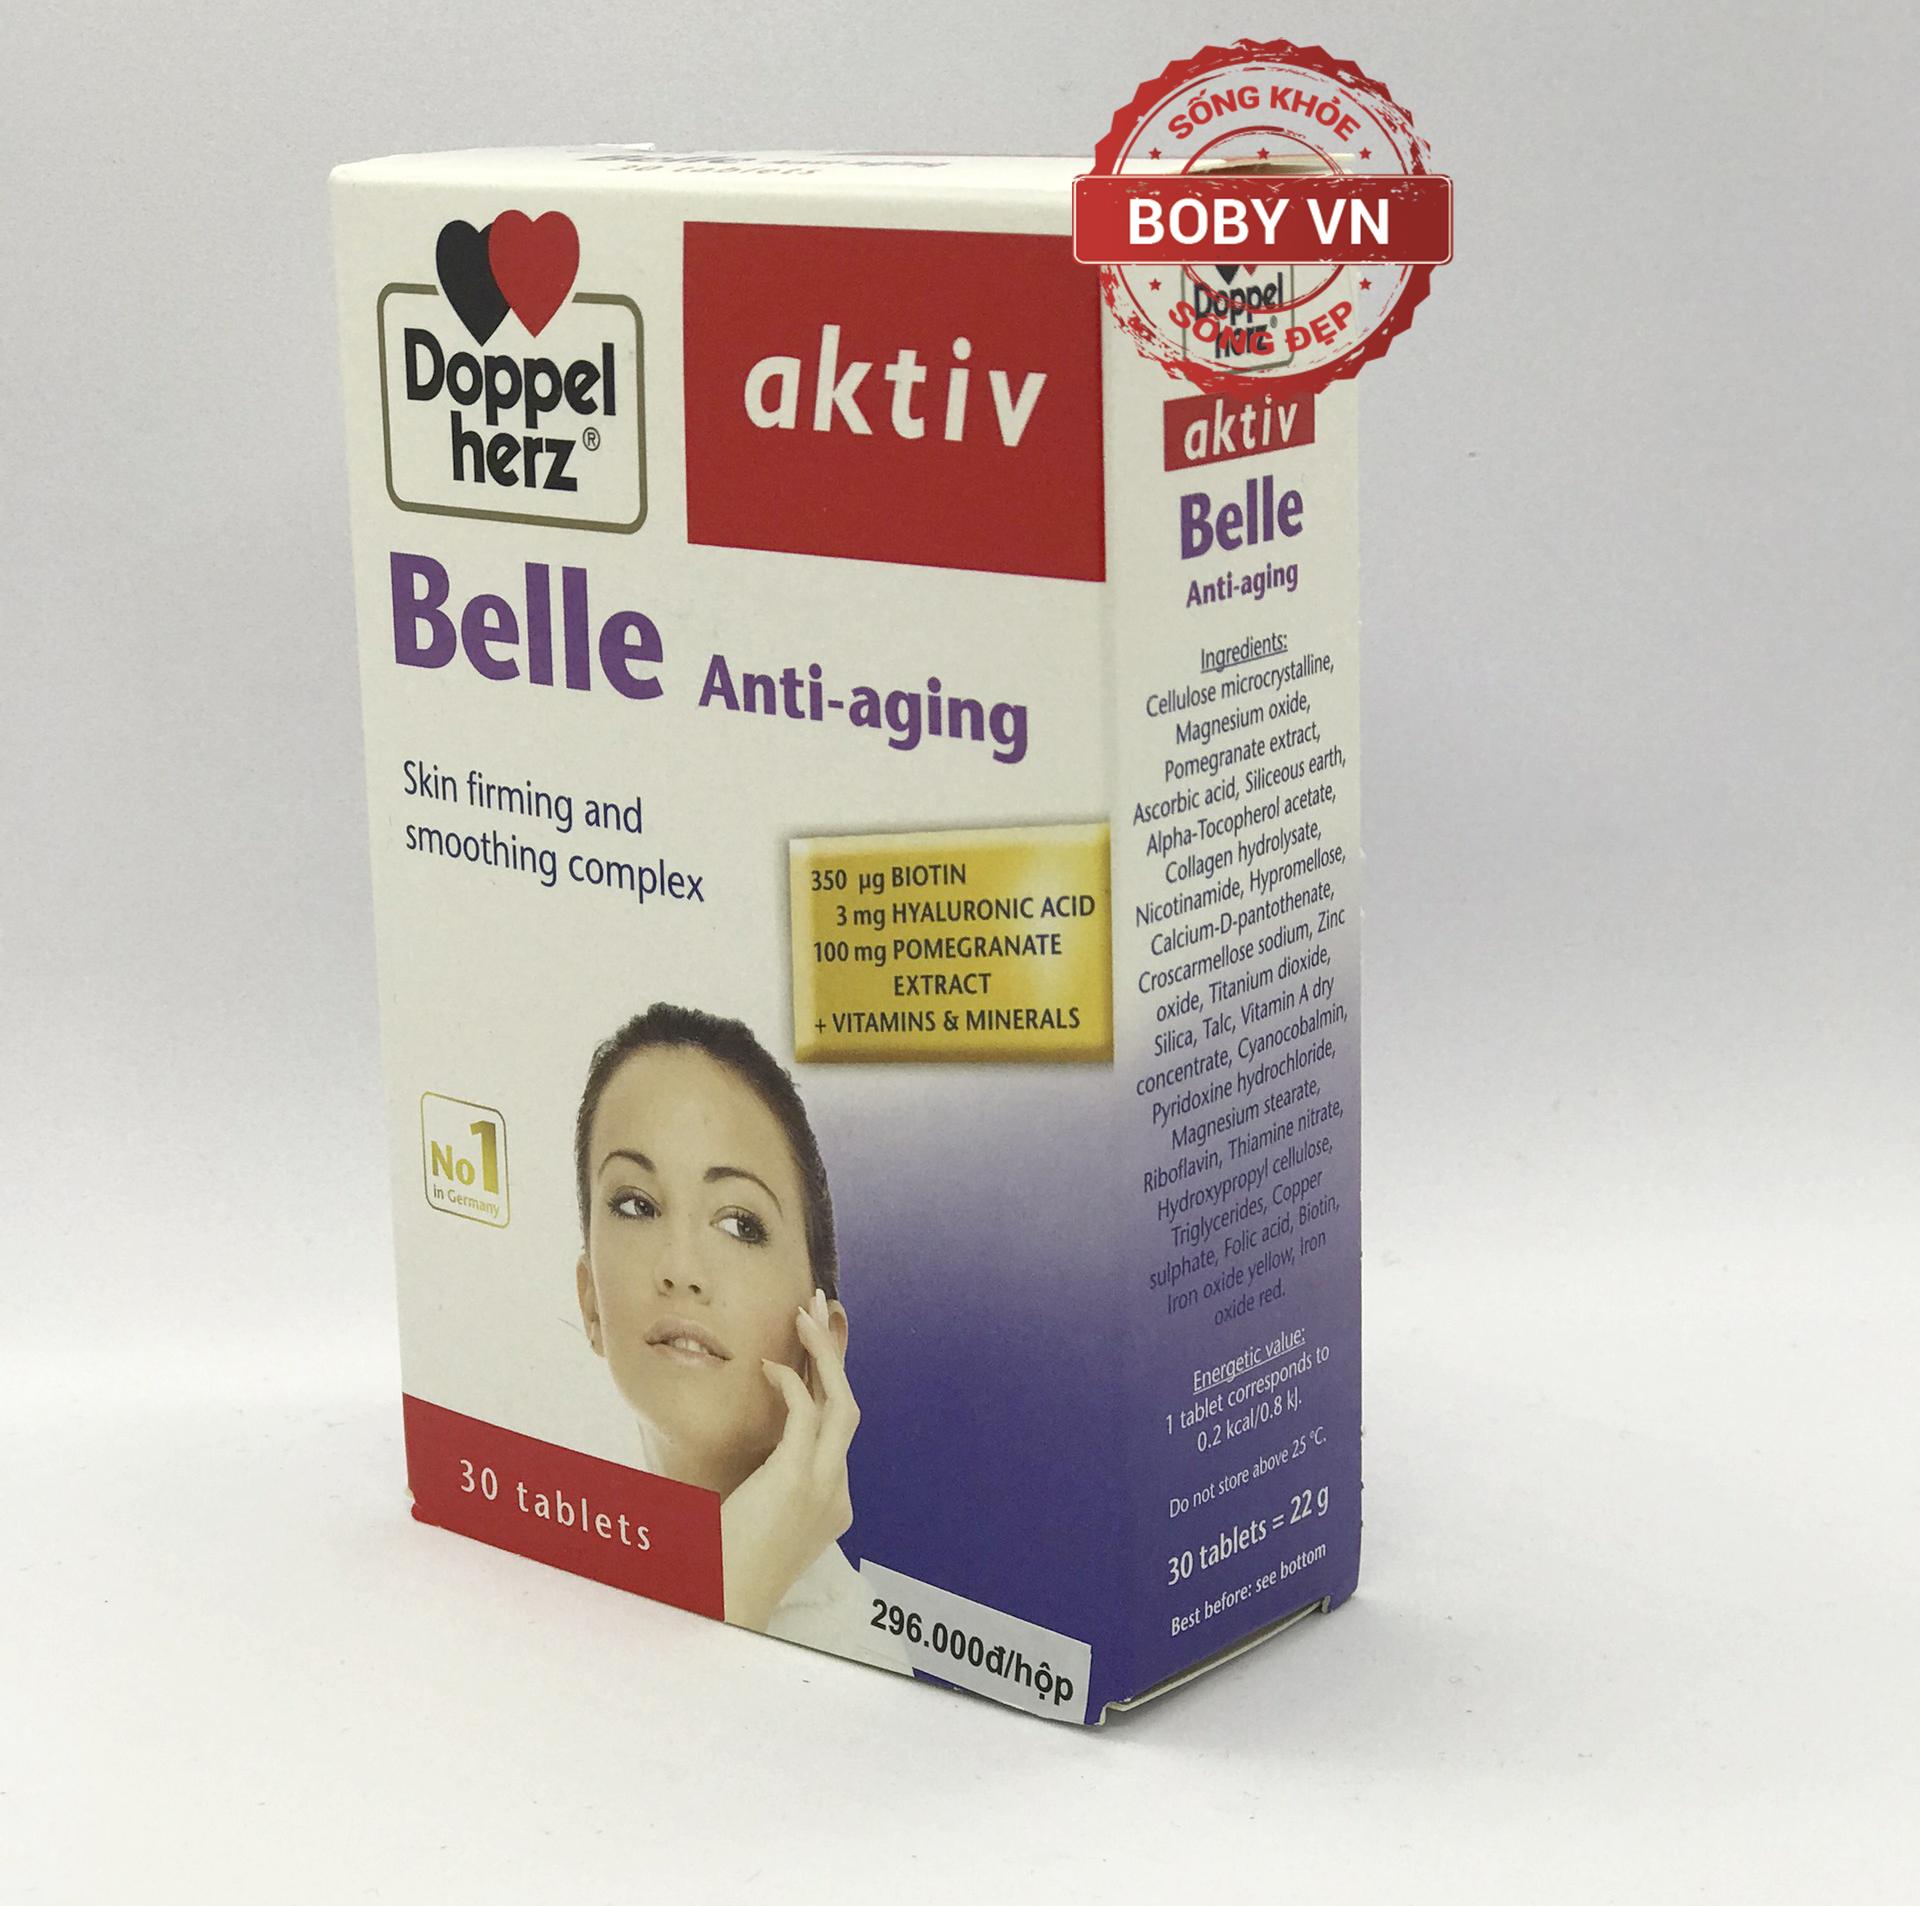 Viên uống chống lão hóa đẹp da cân bằng nội tiết tố nữ Aktiv Belle Anti Aging - Chính hãng Doppelherz Aktiv Đức